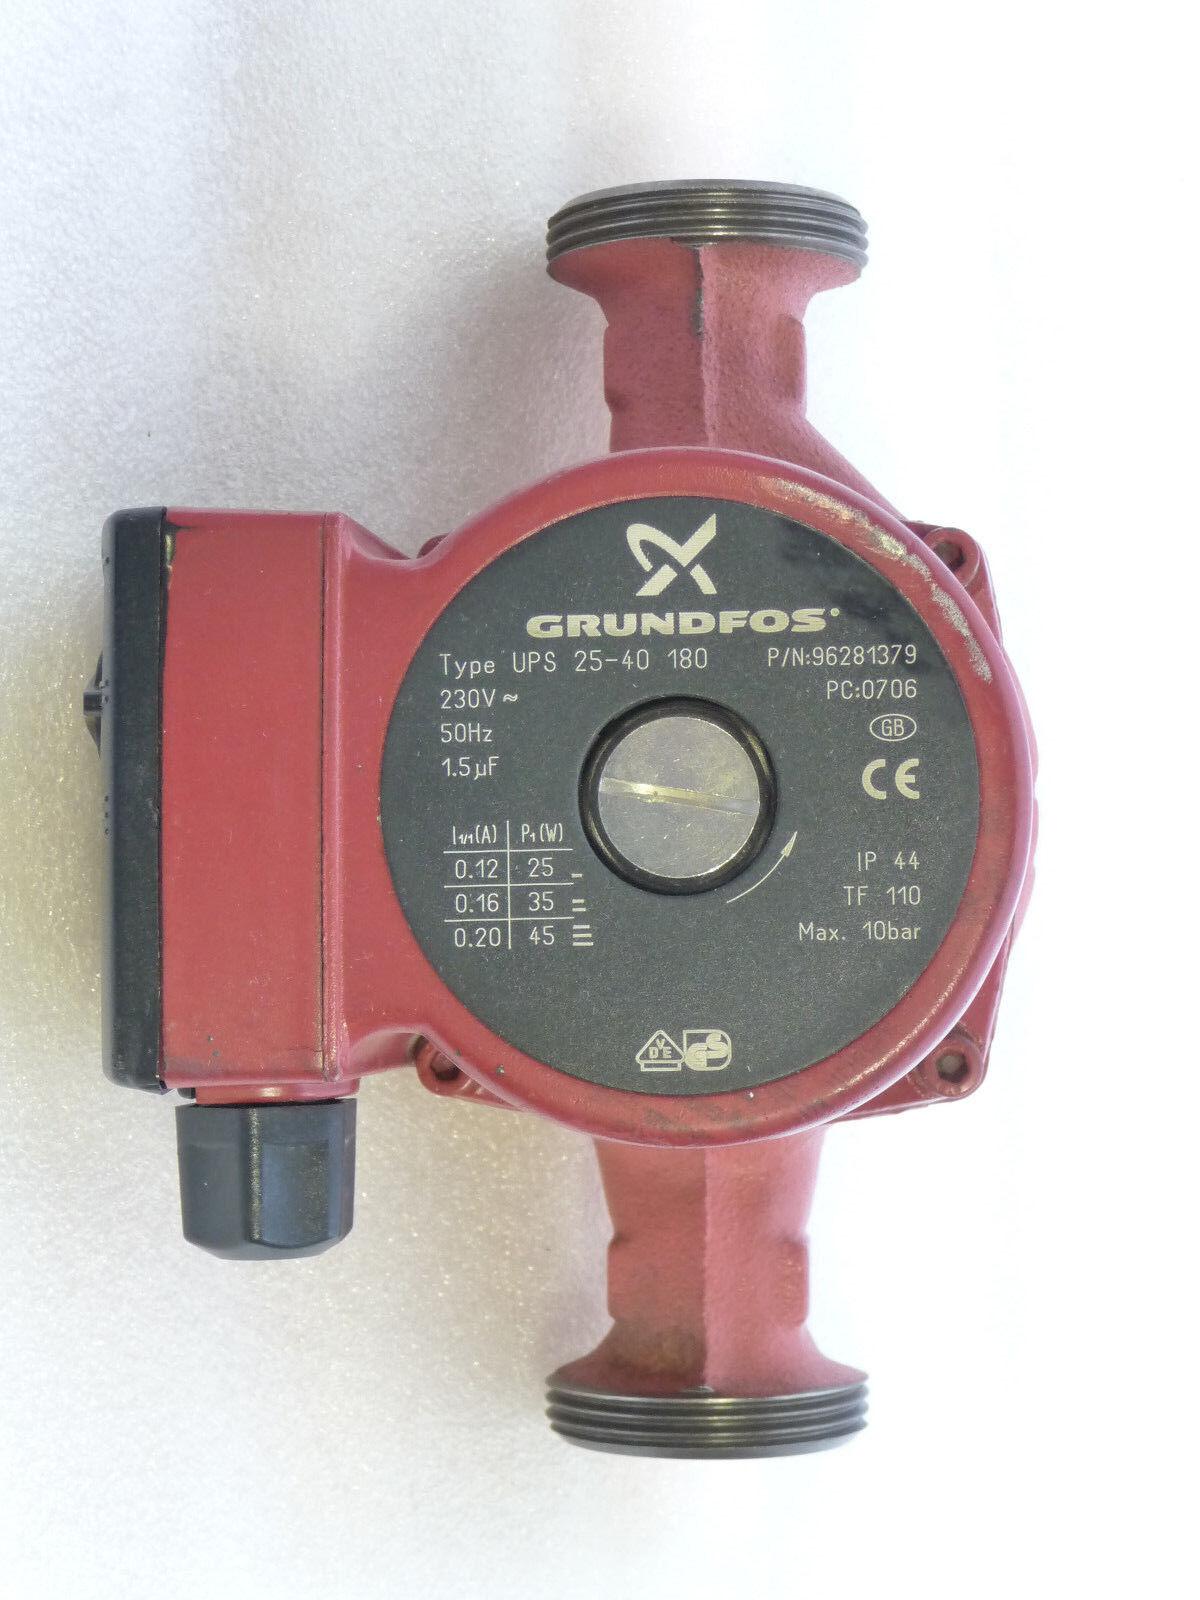 Grundfos UPS 25-40 Heizungspumpe 230 Volt Umwälzpumpe 180 mm gebraucht P6117/19